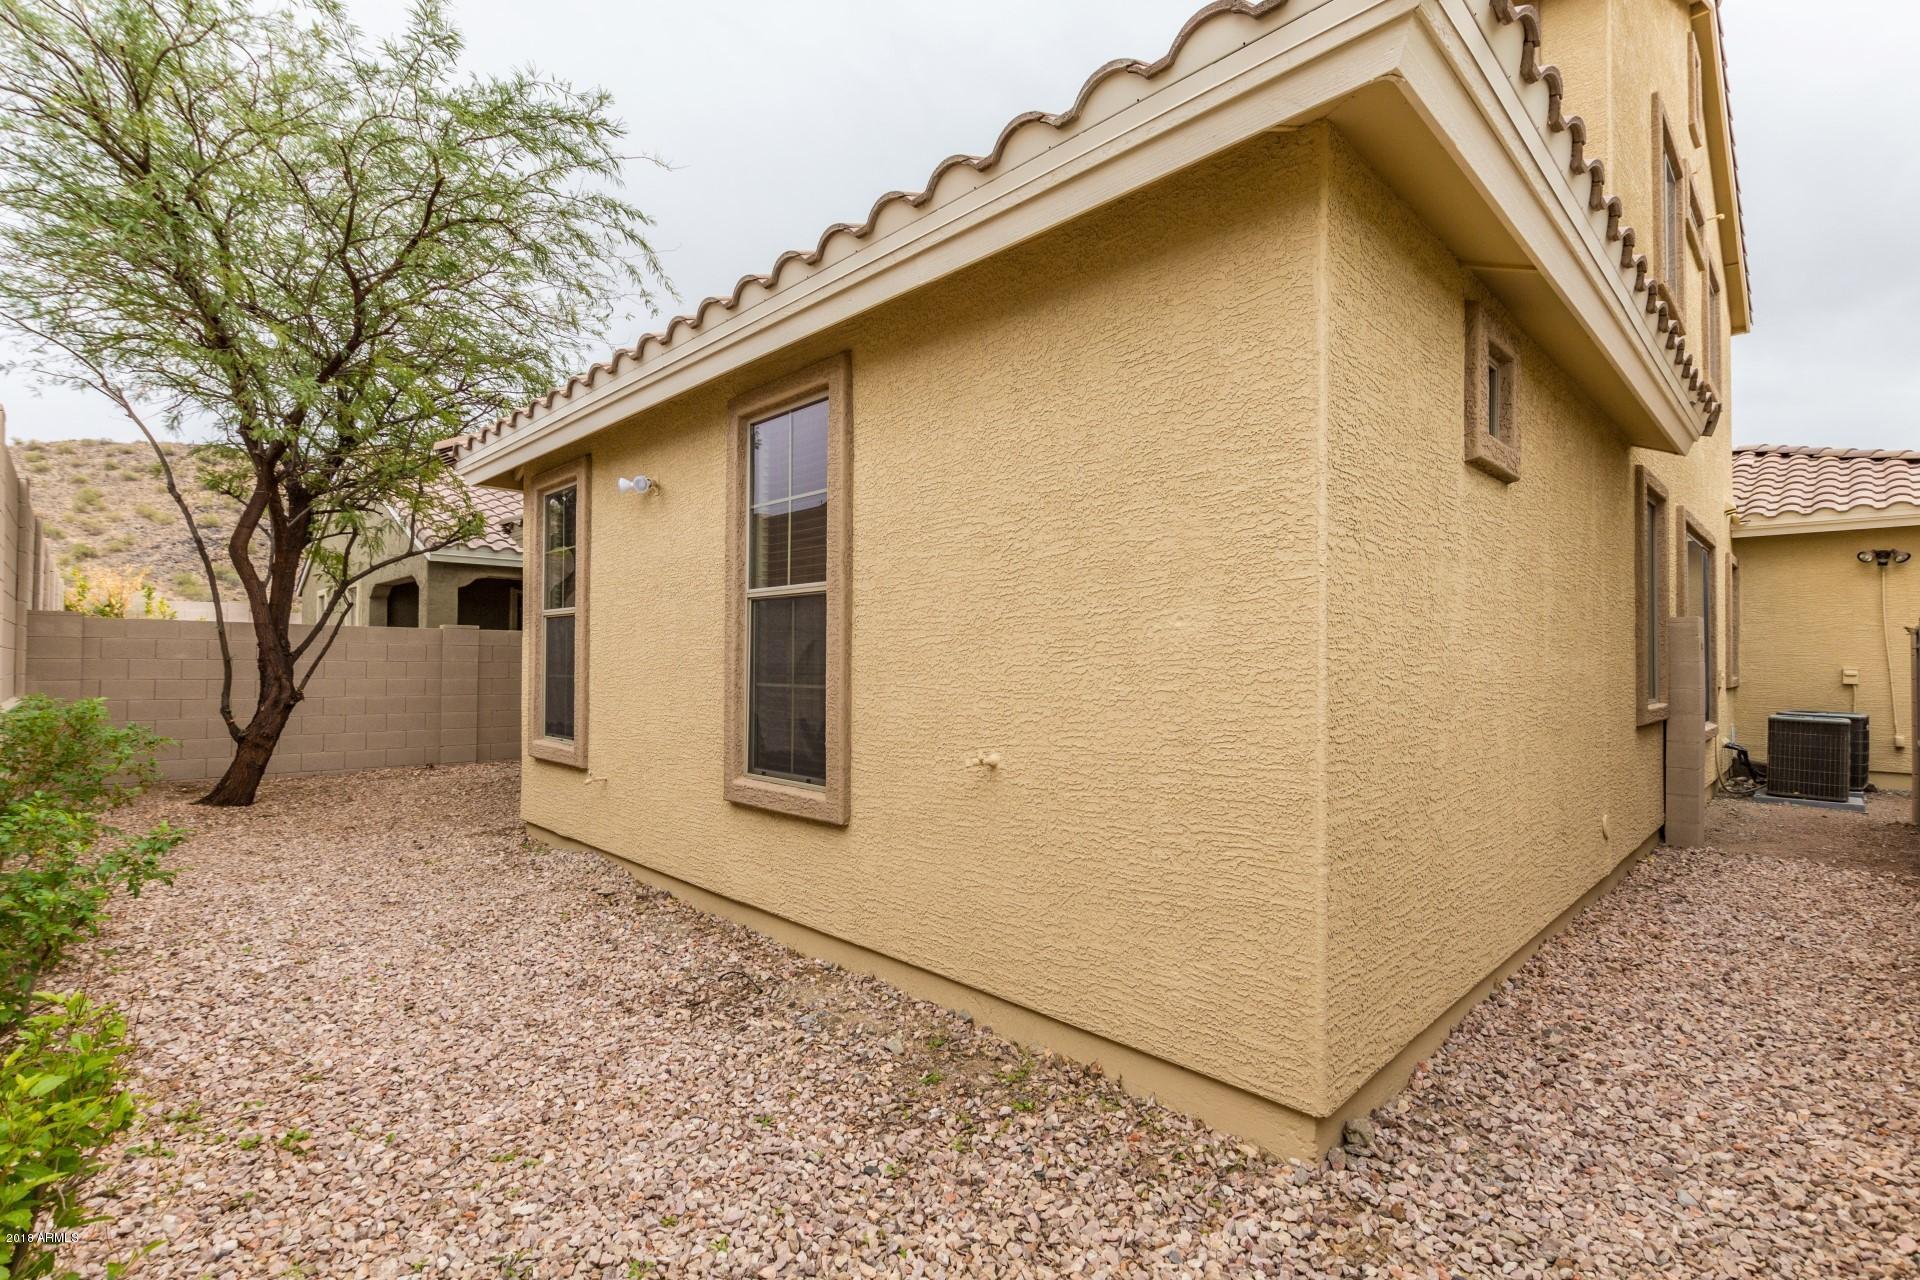 MLS 5726120 7306 W MONTGOMERY Road, Peoria, AZ 85383 Peoria AZ Sonoran Mountain Ranch